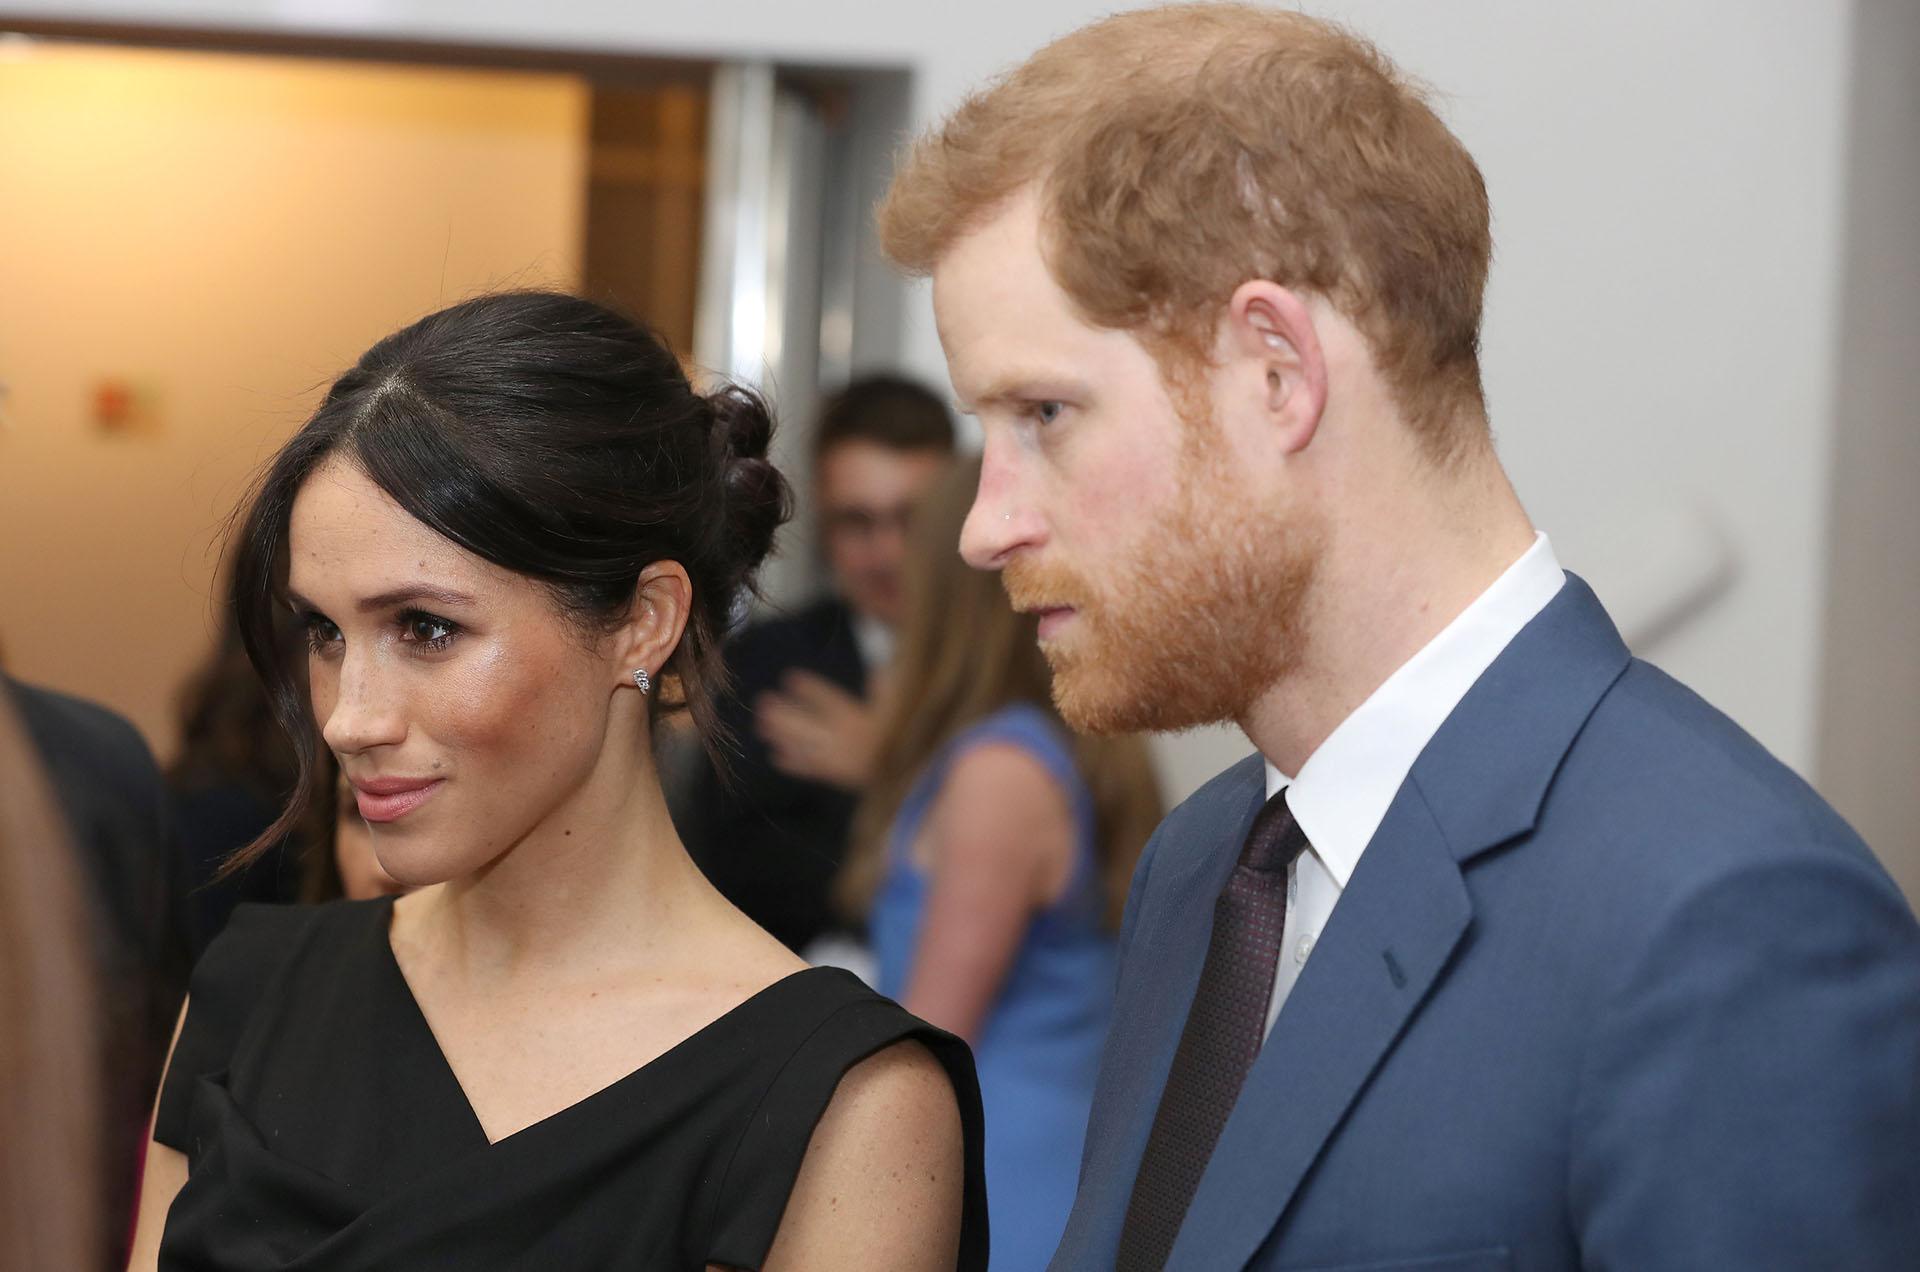 El 27 de octubre pasado, la pareja anunció su compromiso y, por el momento, se conocen muy pocos detalles sobre la que promete ser la boda del año /// Fotos: Reuters